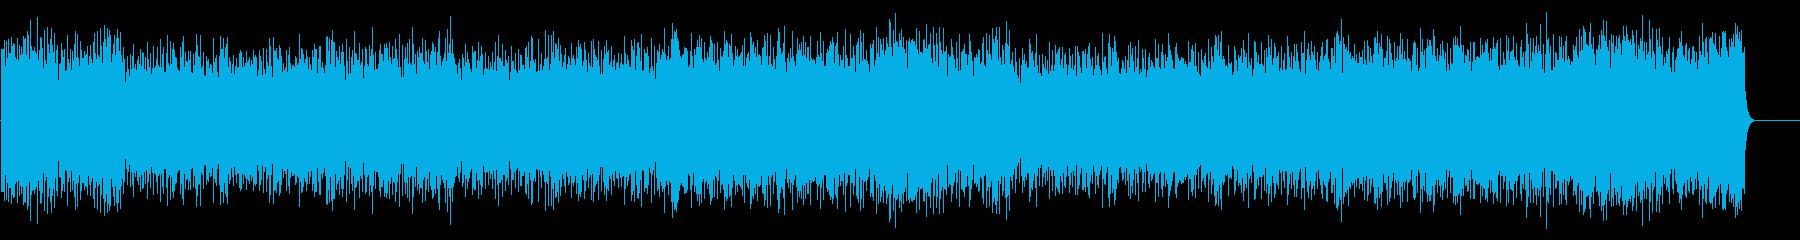 心が弾むOP向けポップス(フルサイズ)の再生済みの波形